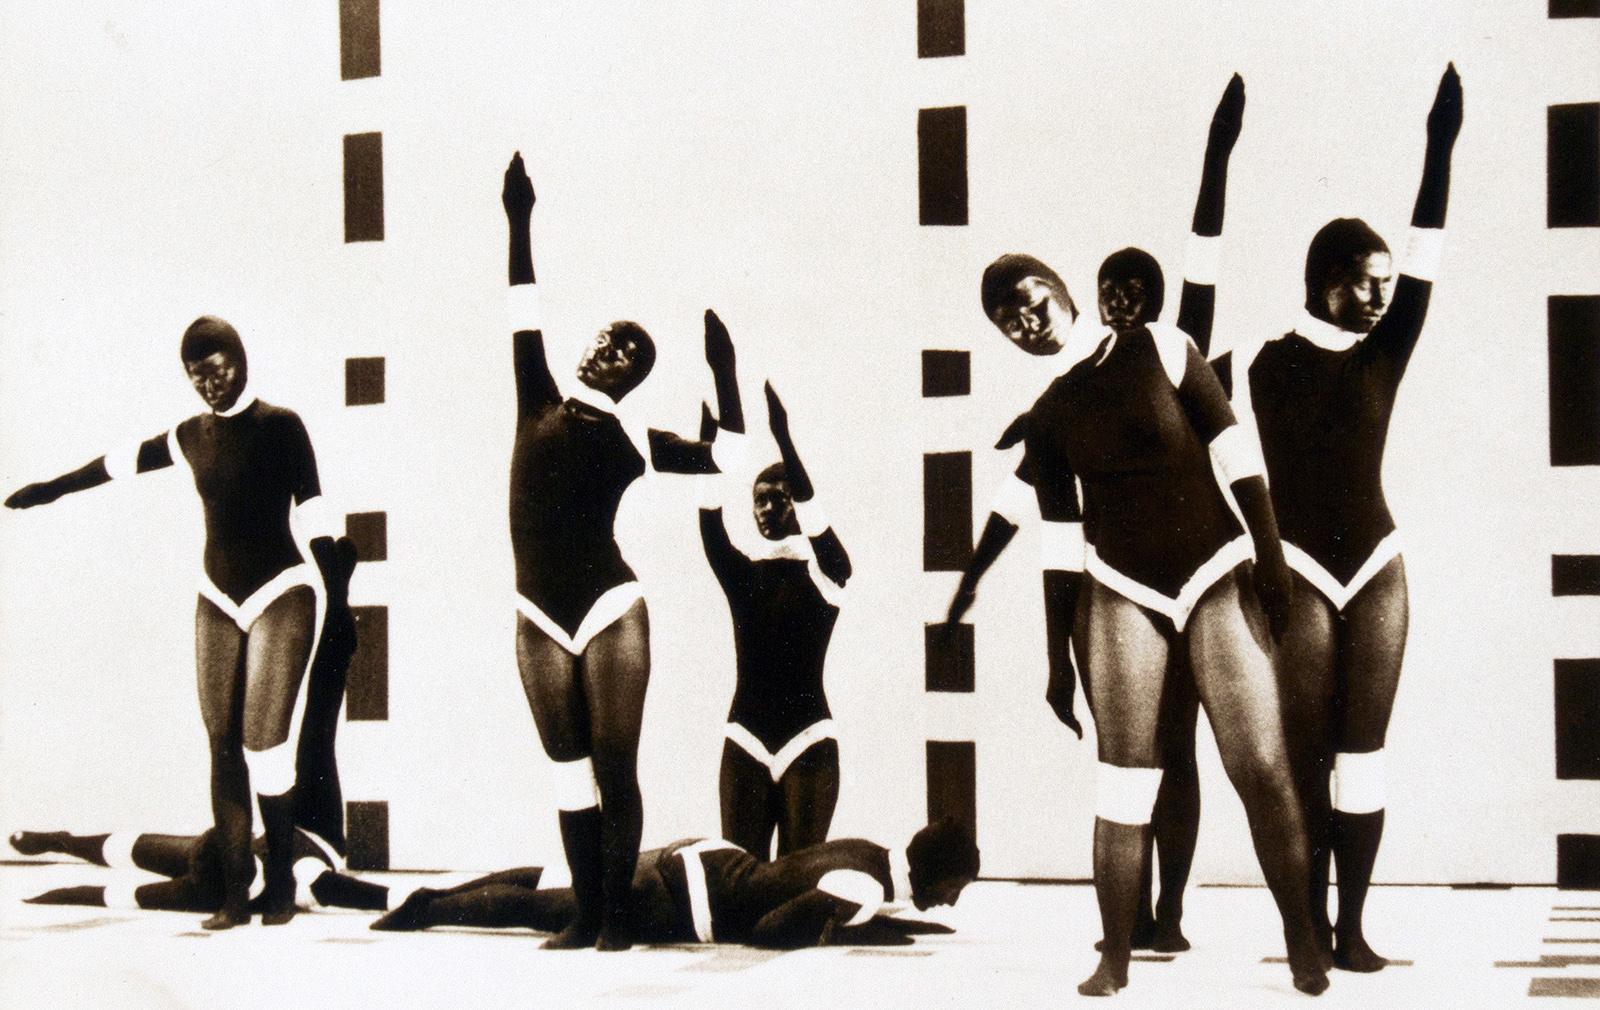 Analivia Cordeiro, M3X3, 1973 (fotograma del vídeo). Videoinstalación. Tres proyecciones, color, sonido, reproducción continua, medidas variables. Colección BEEP de Art Electrónico. © de la obra, Analivia Cordeiro, 2019.